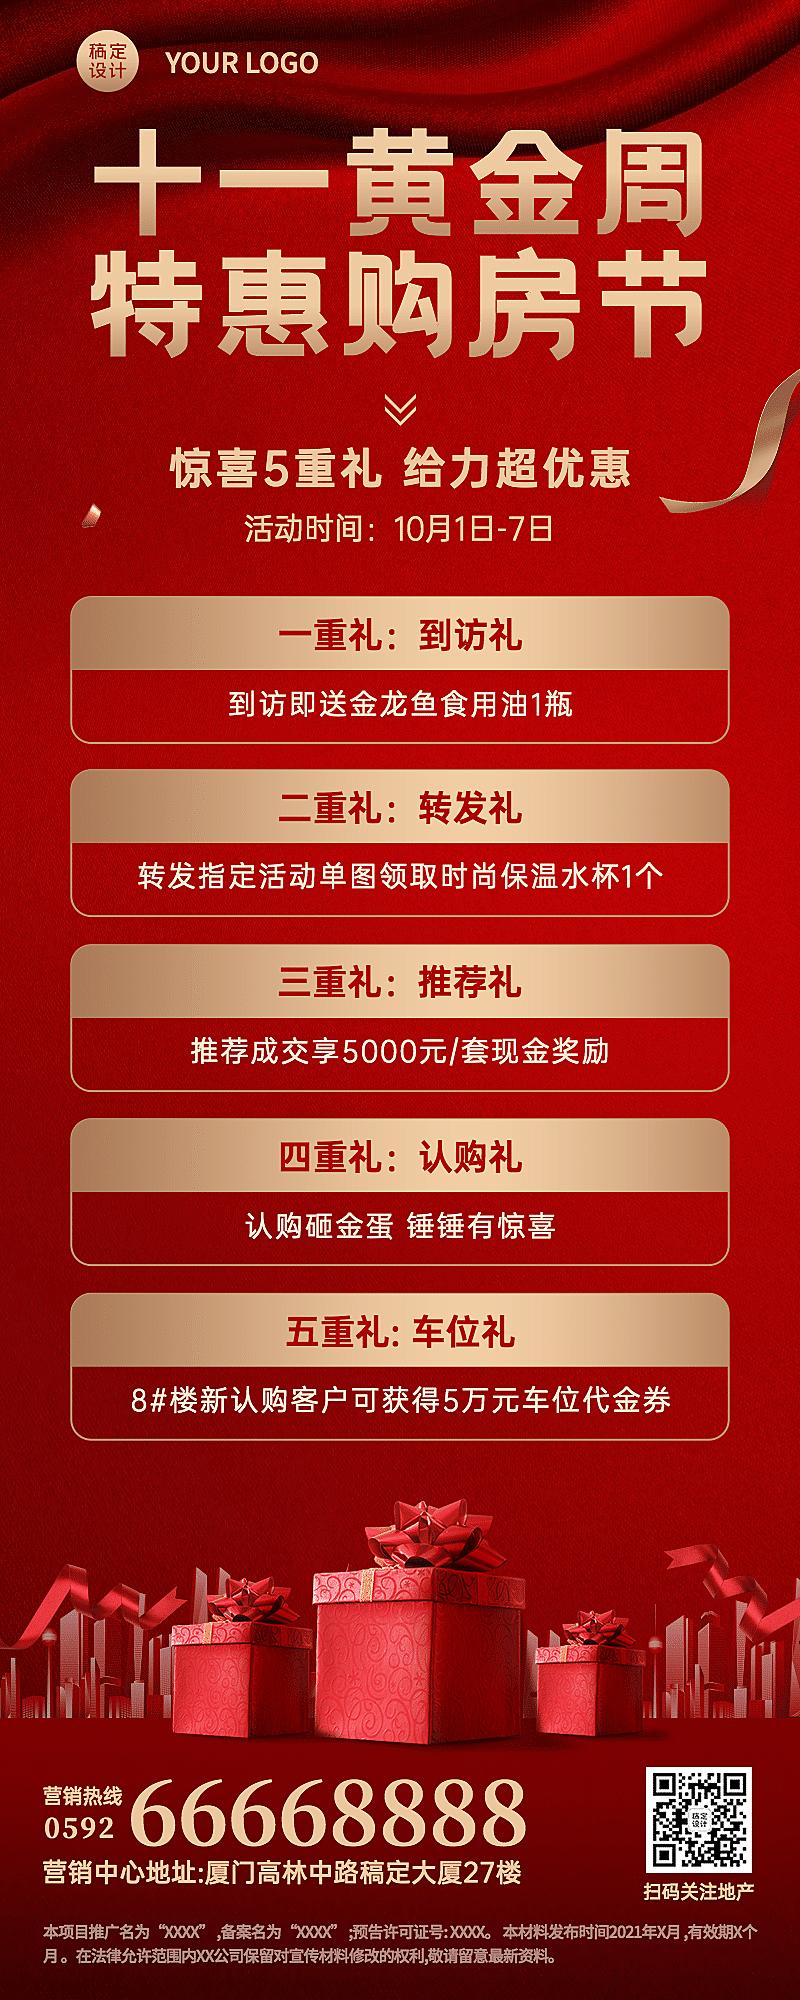 房地产十一国庆黄金周优惠长图海报